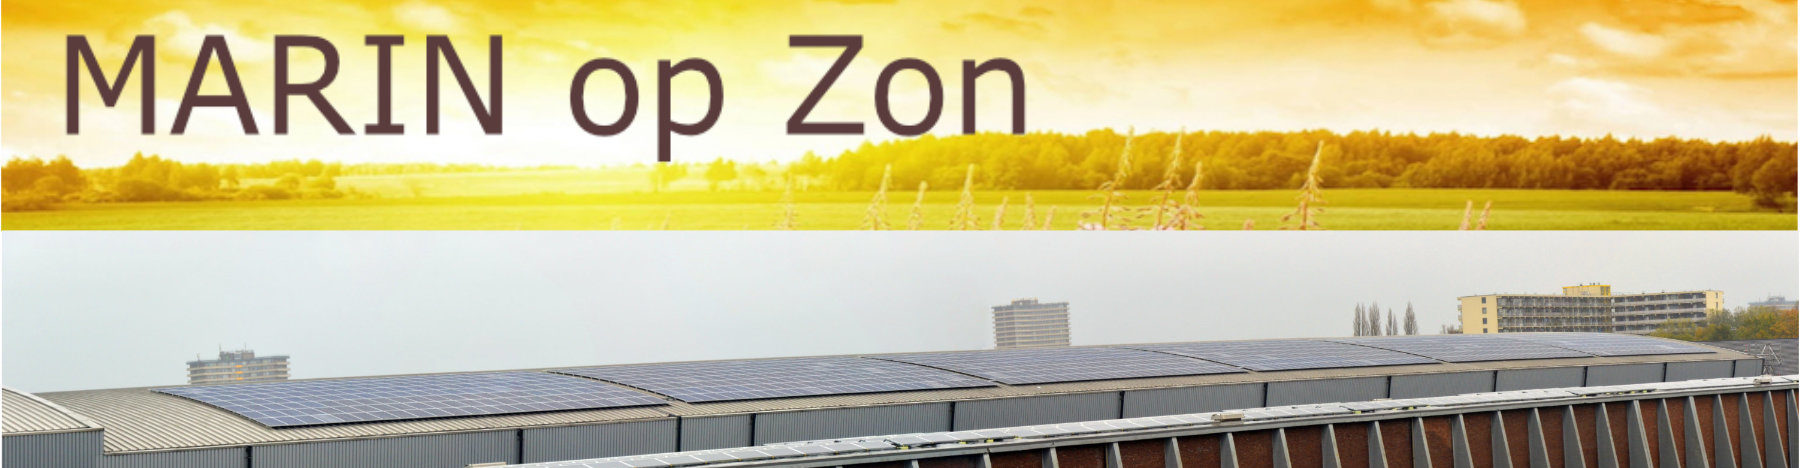 Burgers mede-eigenaar van een zonnecentrale in Wageningen !